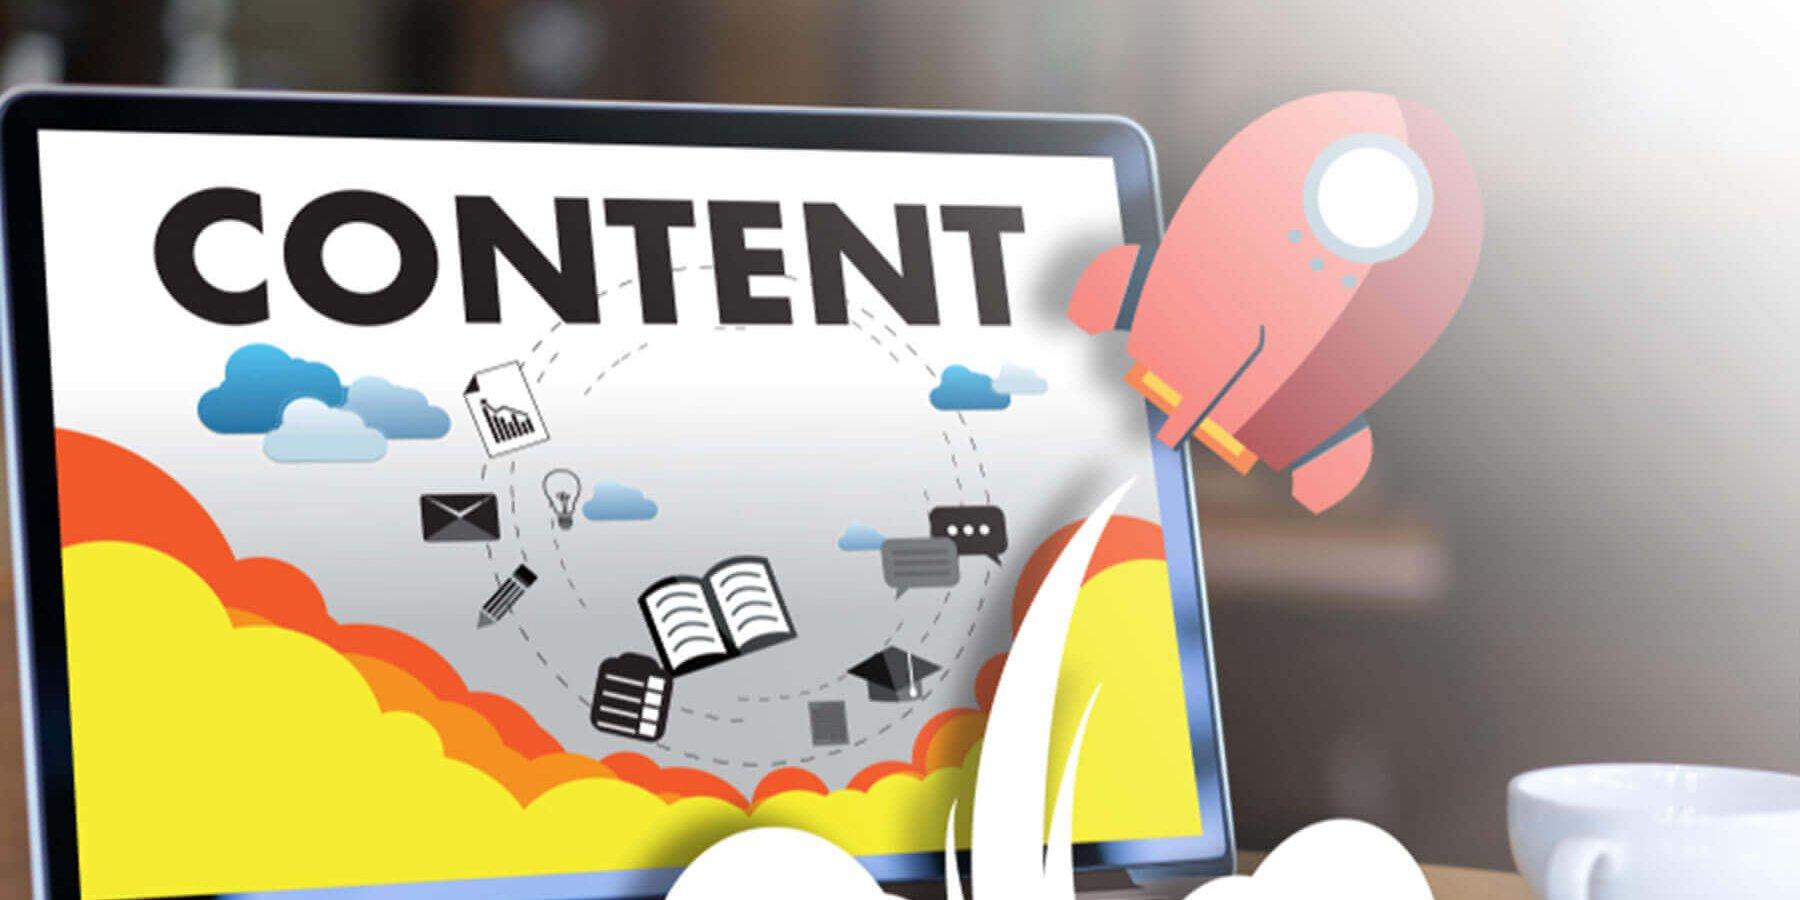 چرا بازاریابی محتوا باعث موفقیت شما می شود؟